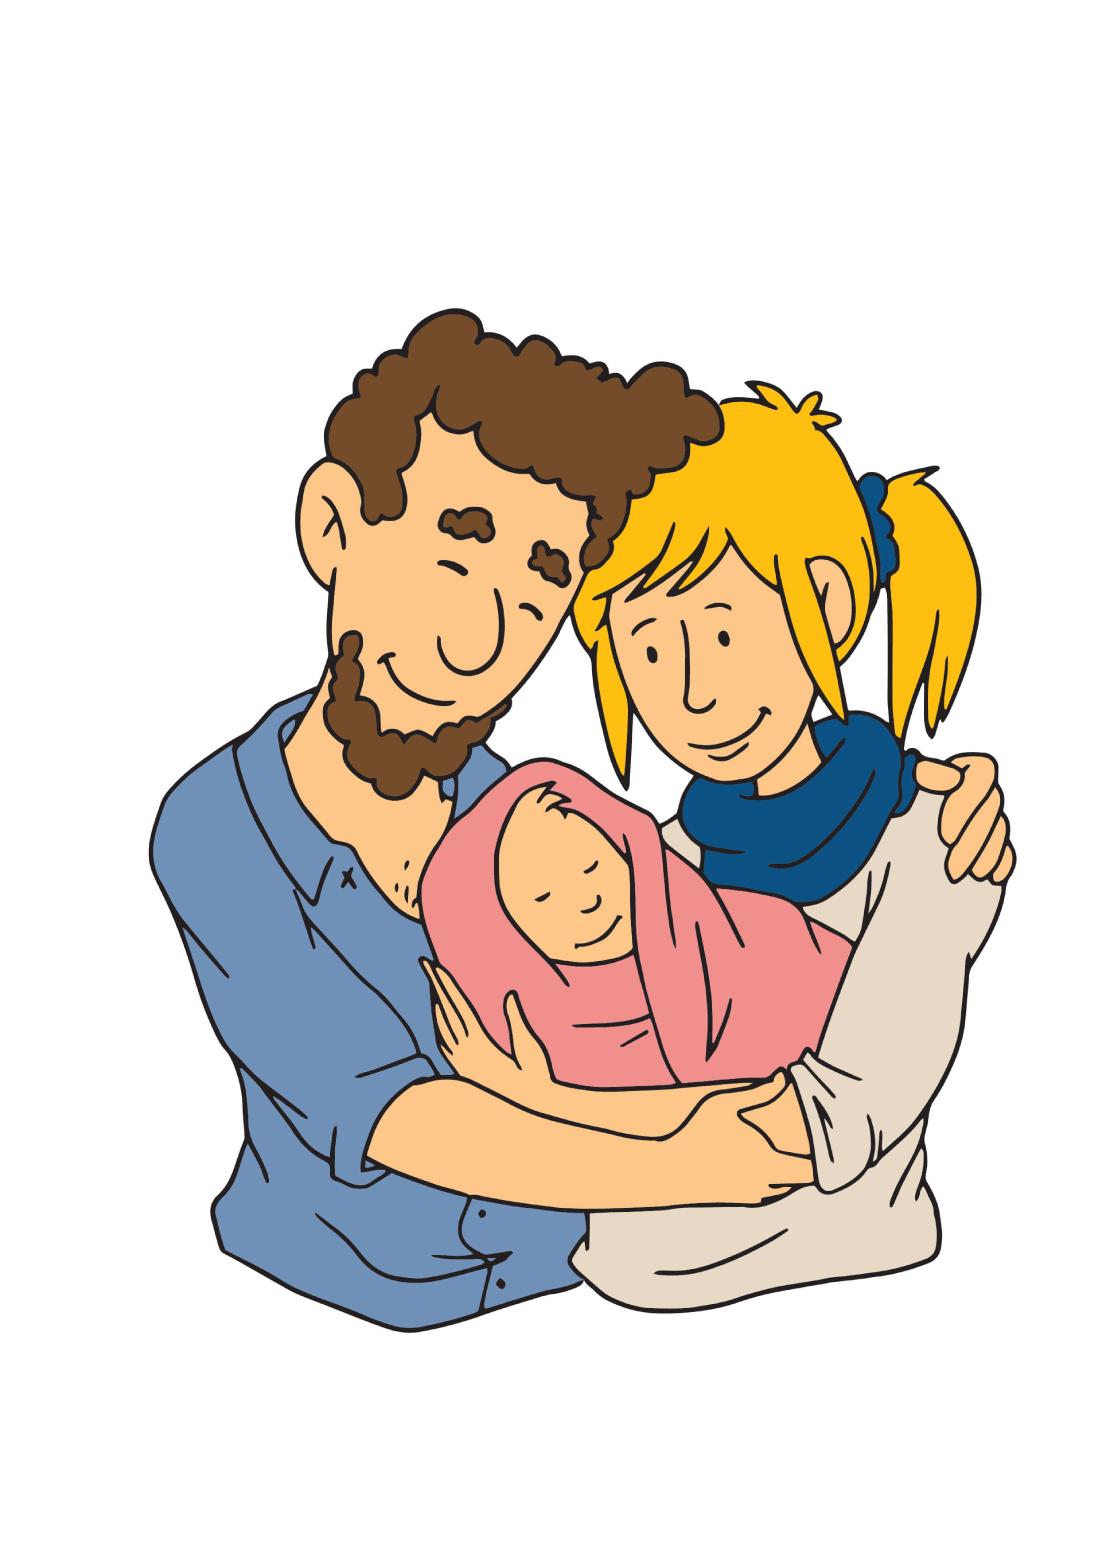 Kraamzorg illustratie van gezin